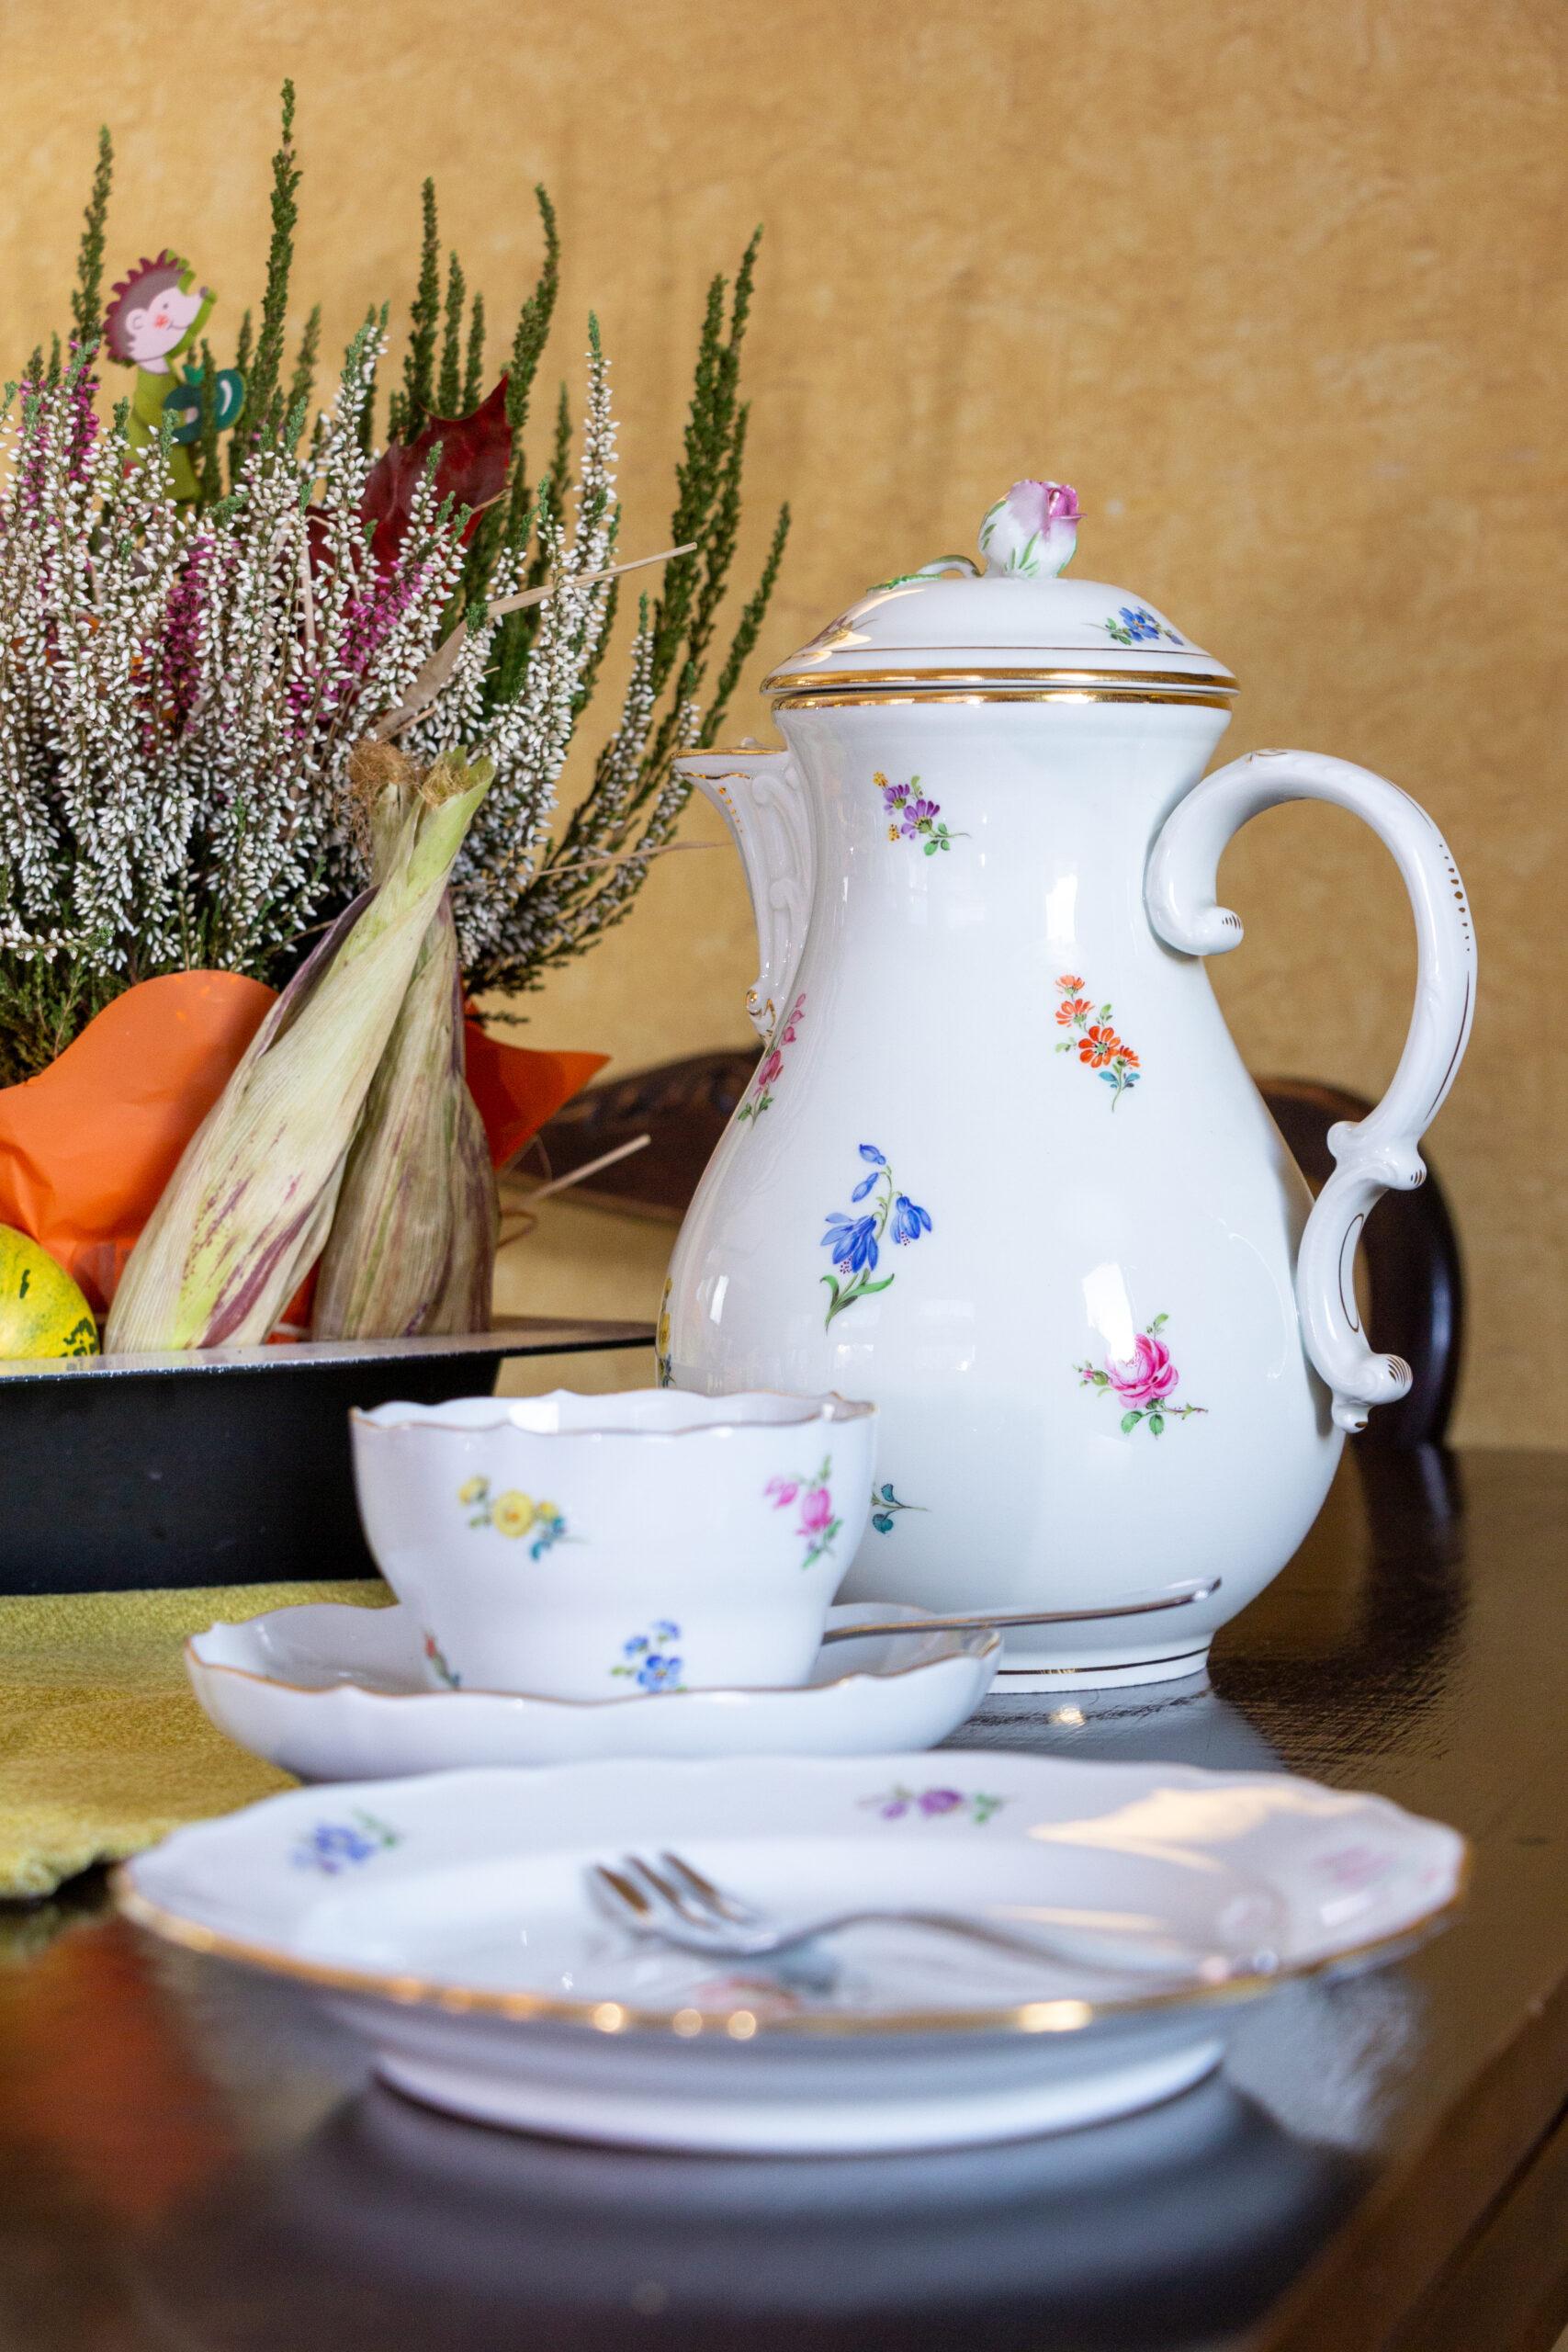 Conditorei & Café Bösewetter - feines Kaffeegedeck